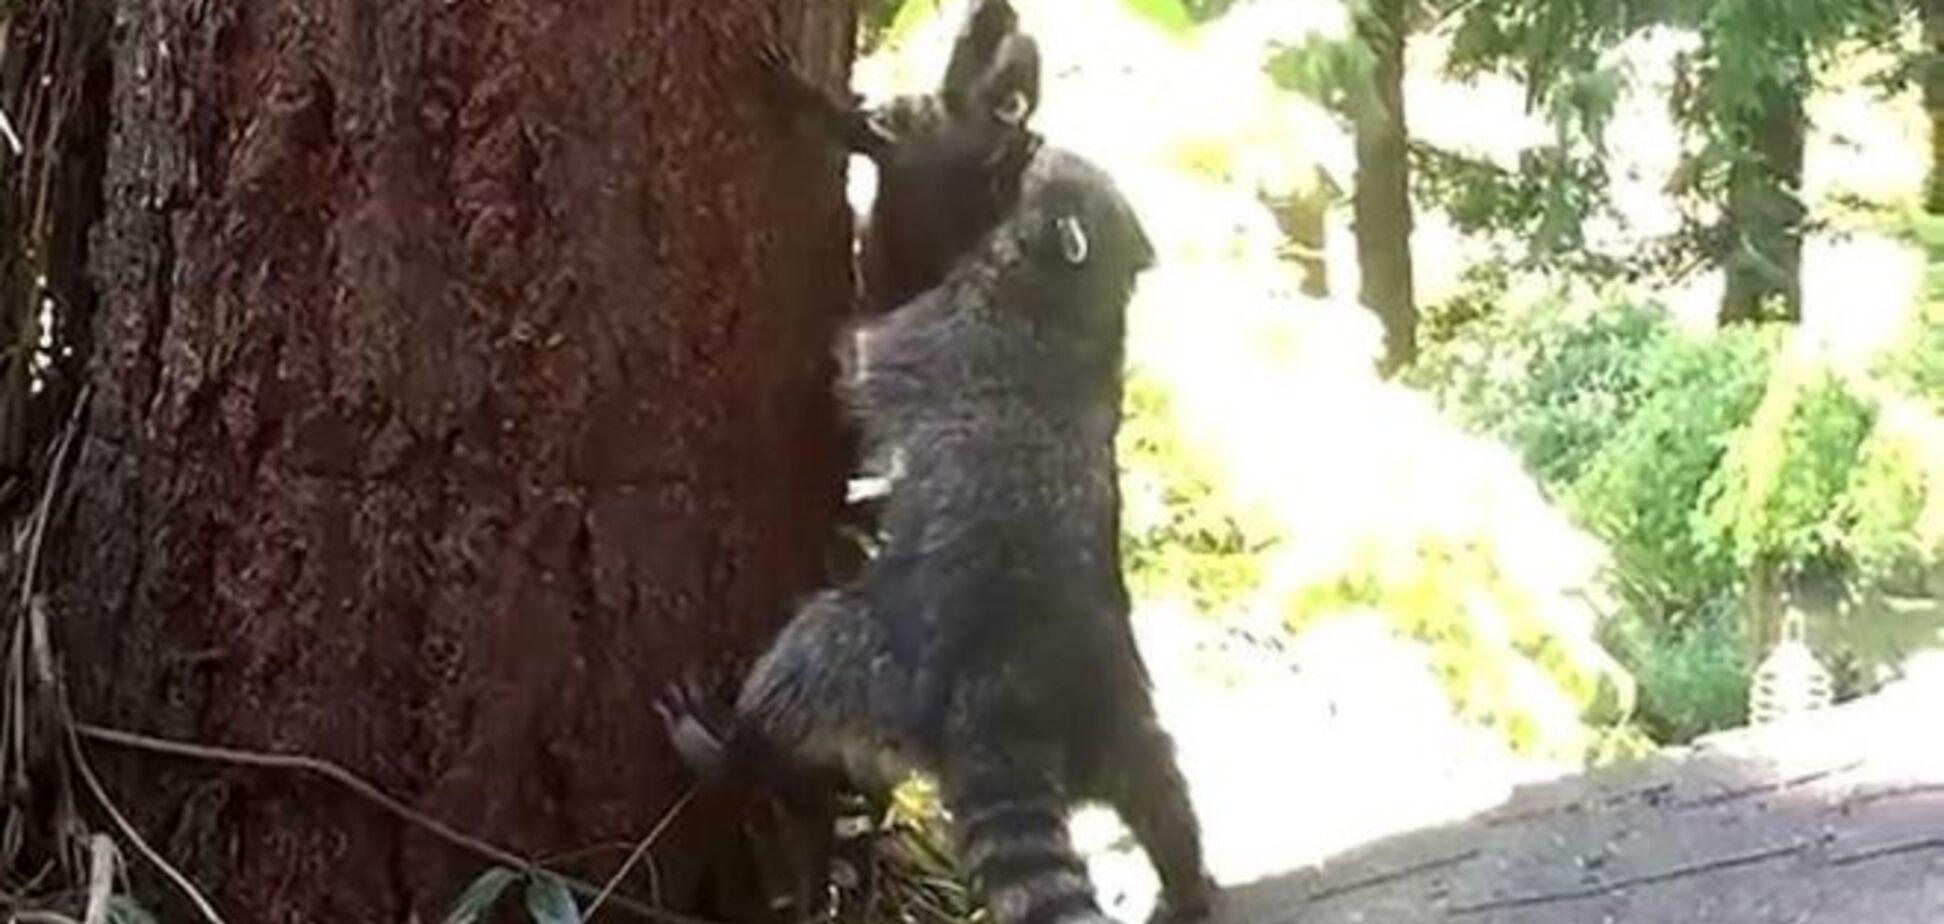 Сеть покорило милое видео, как енотиха учит детеныша лазить по деревьям